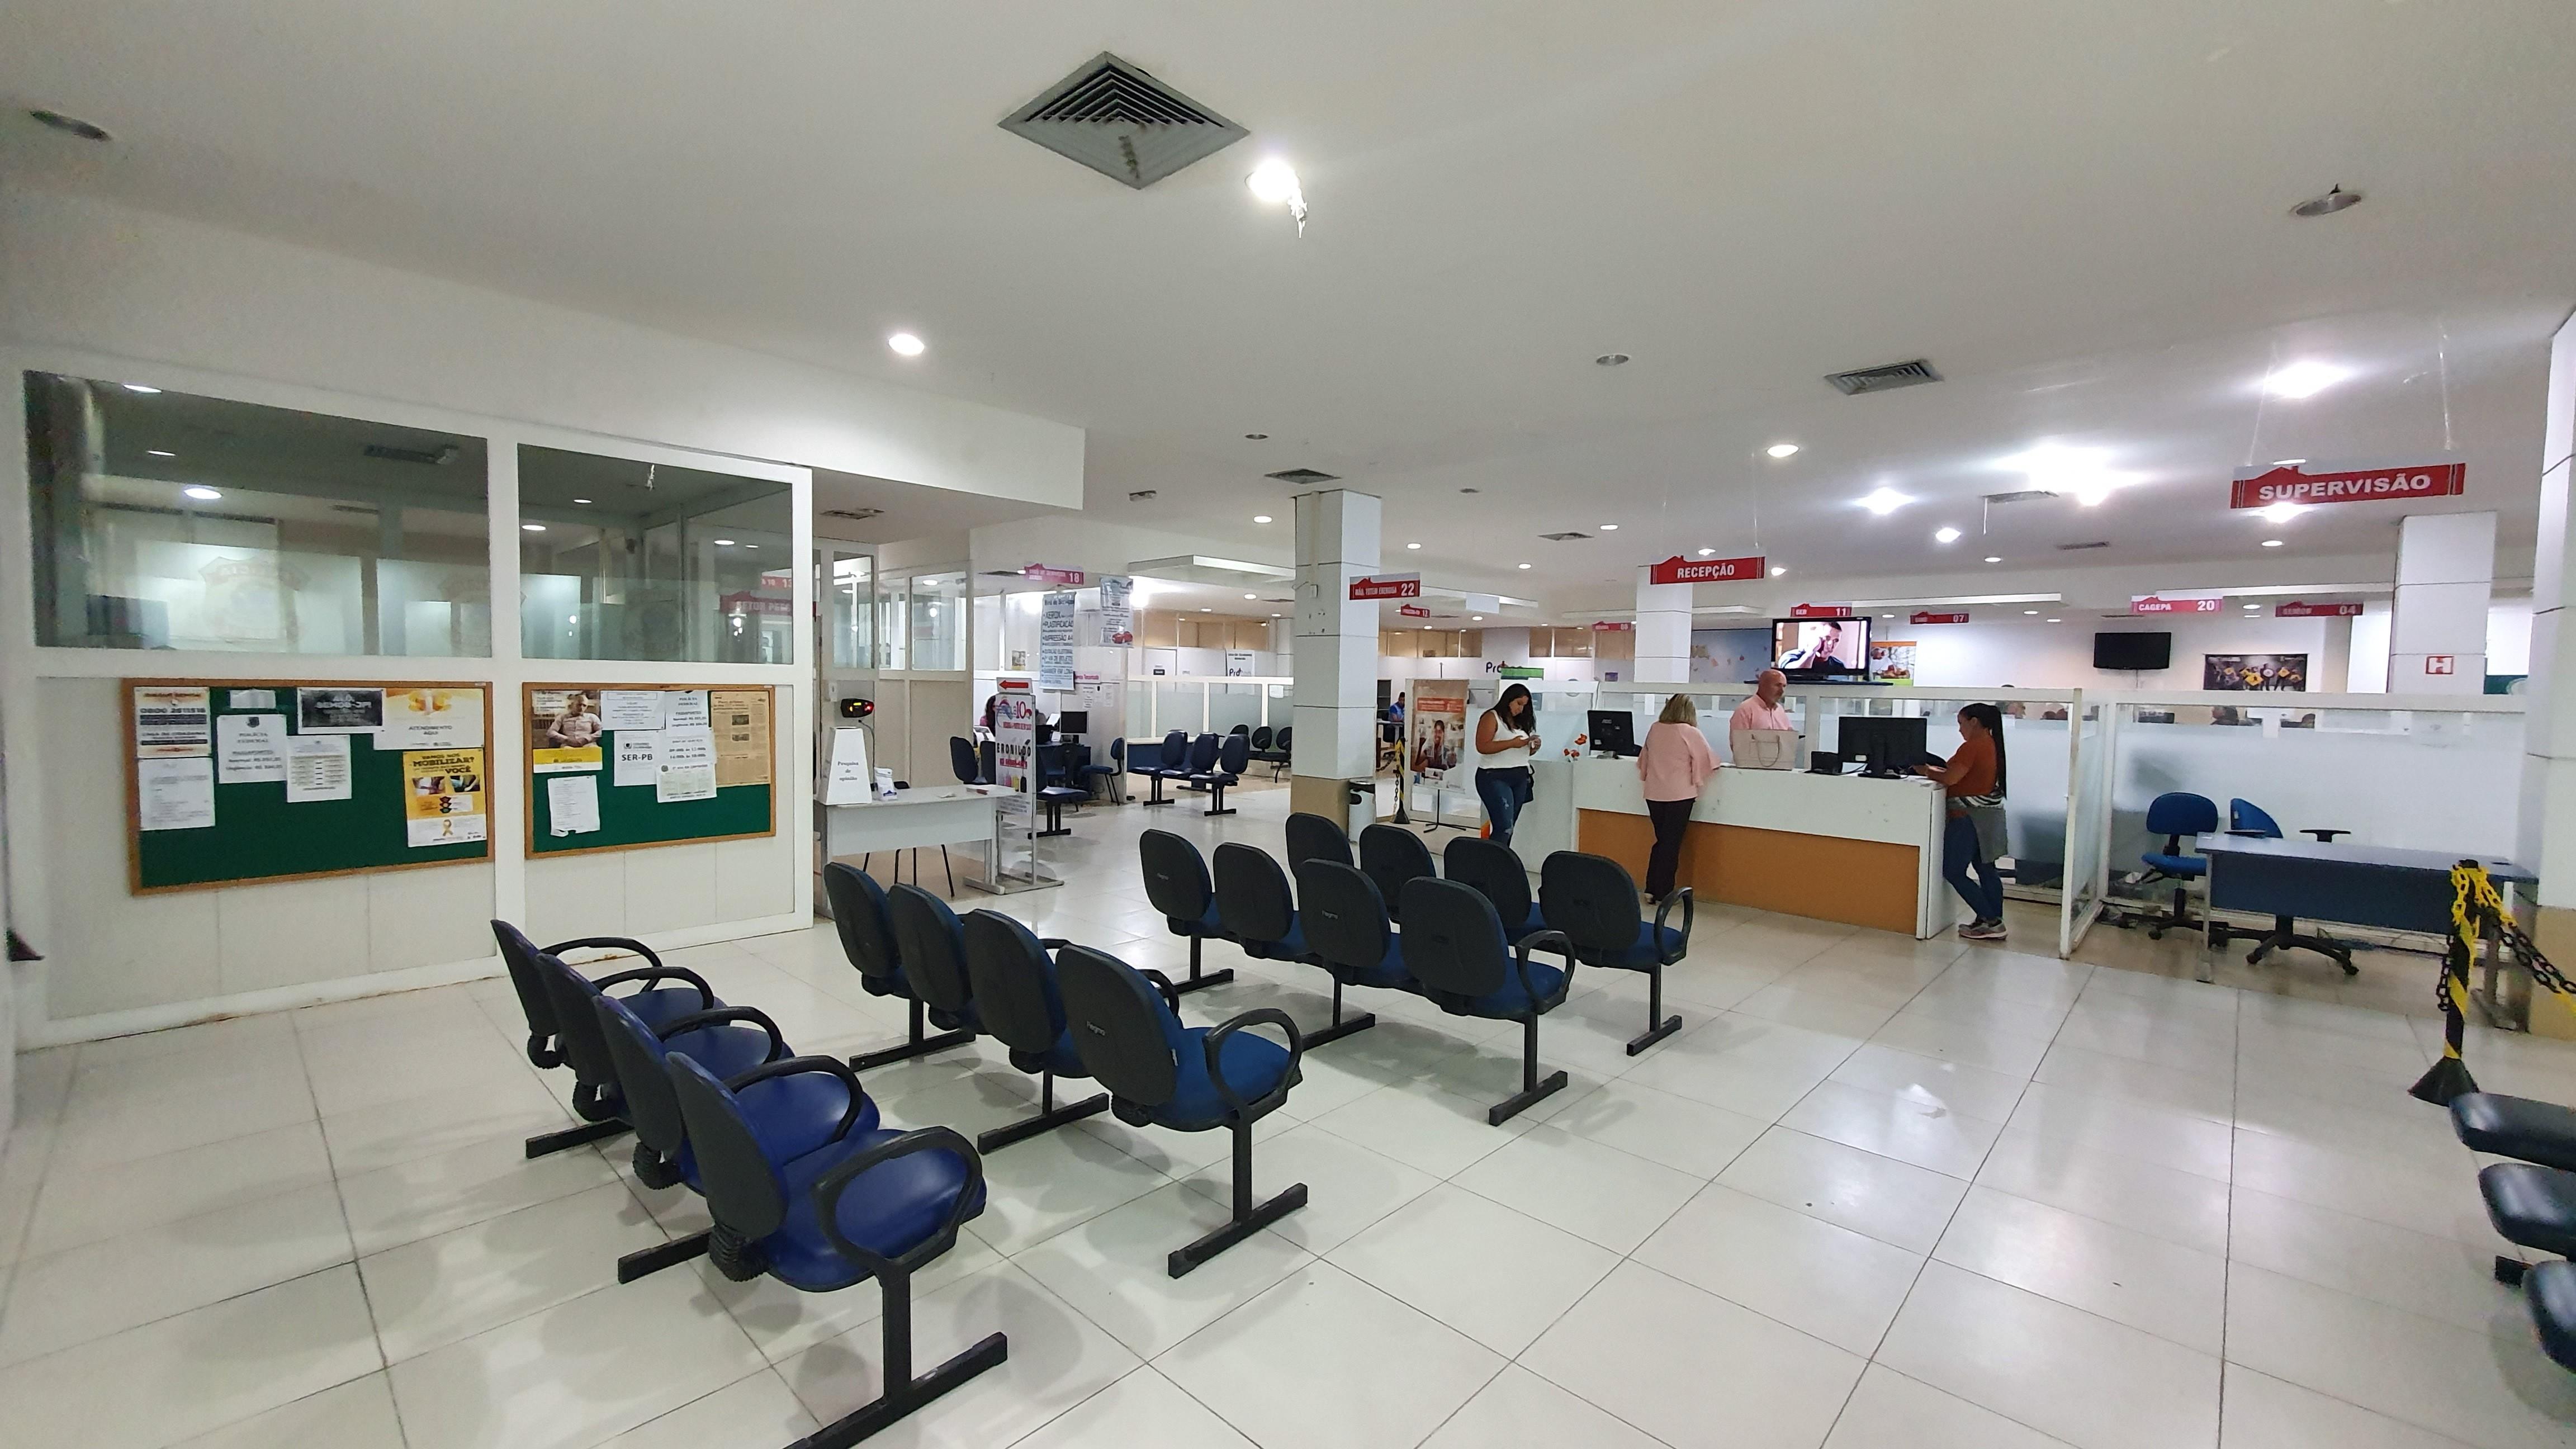 Casa da Cidadania passa a funcionar em novas instalações, em shopping de João Pessoa - Notícias - Plantão Diário